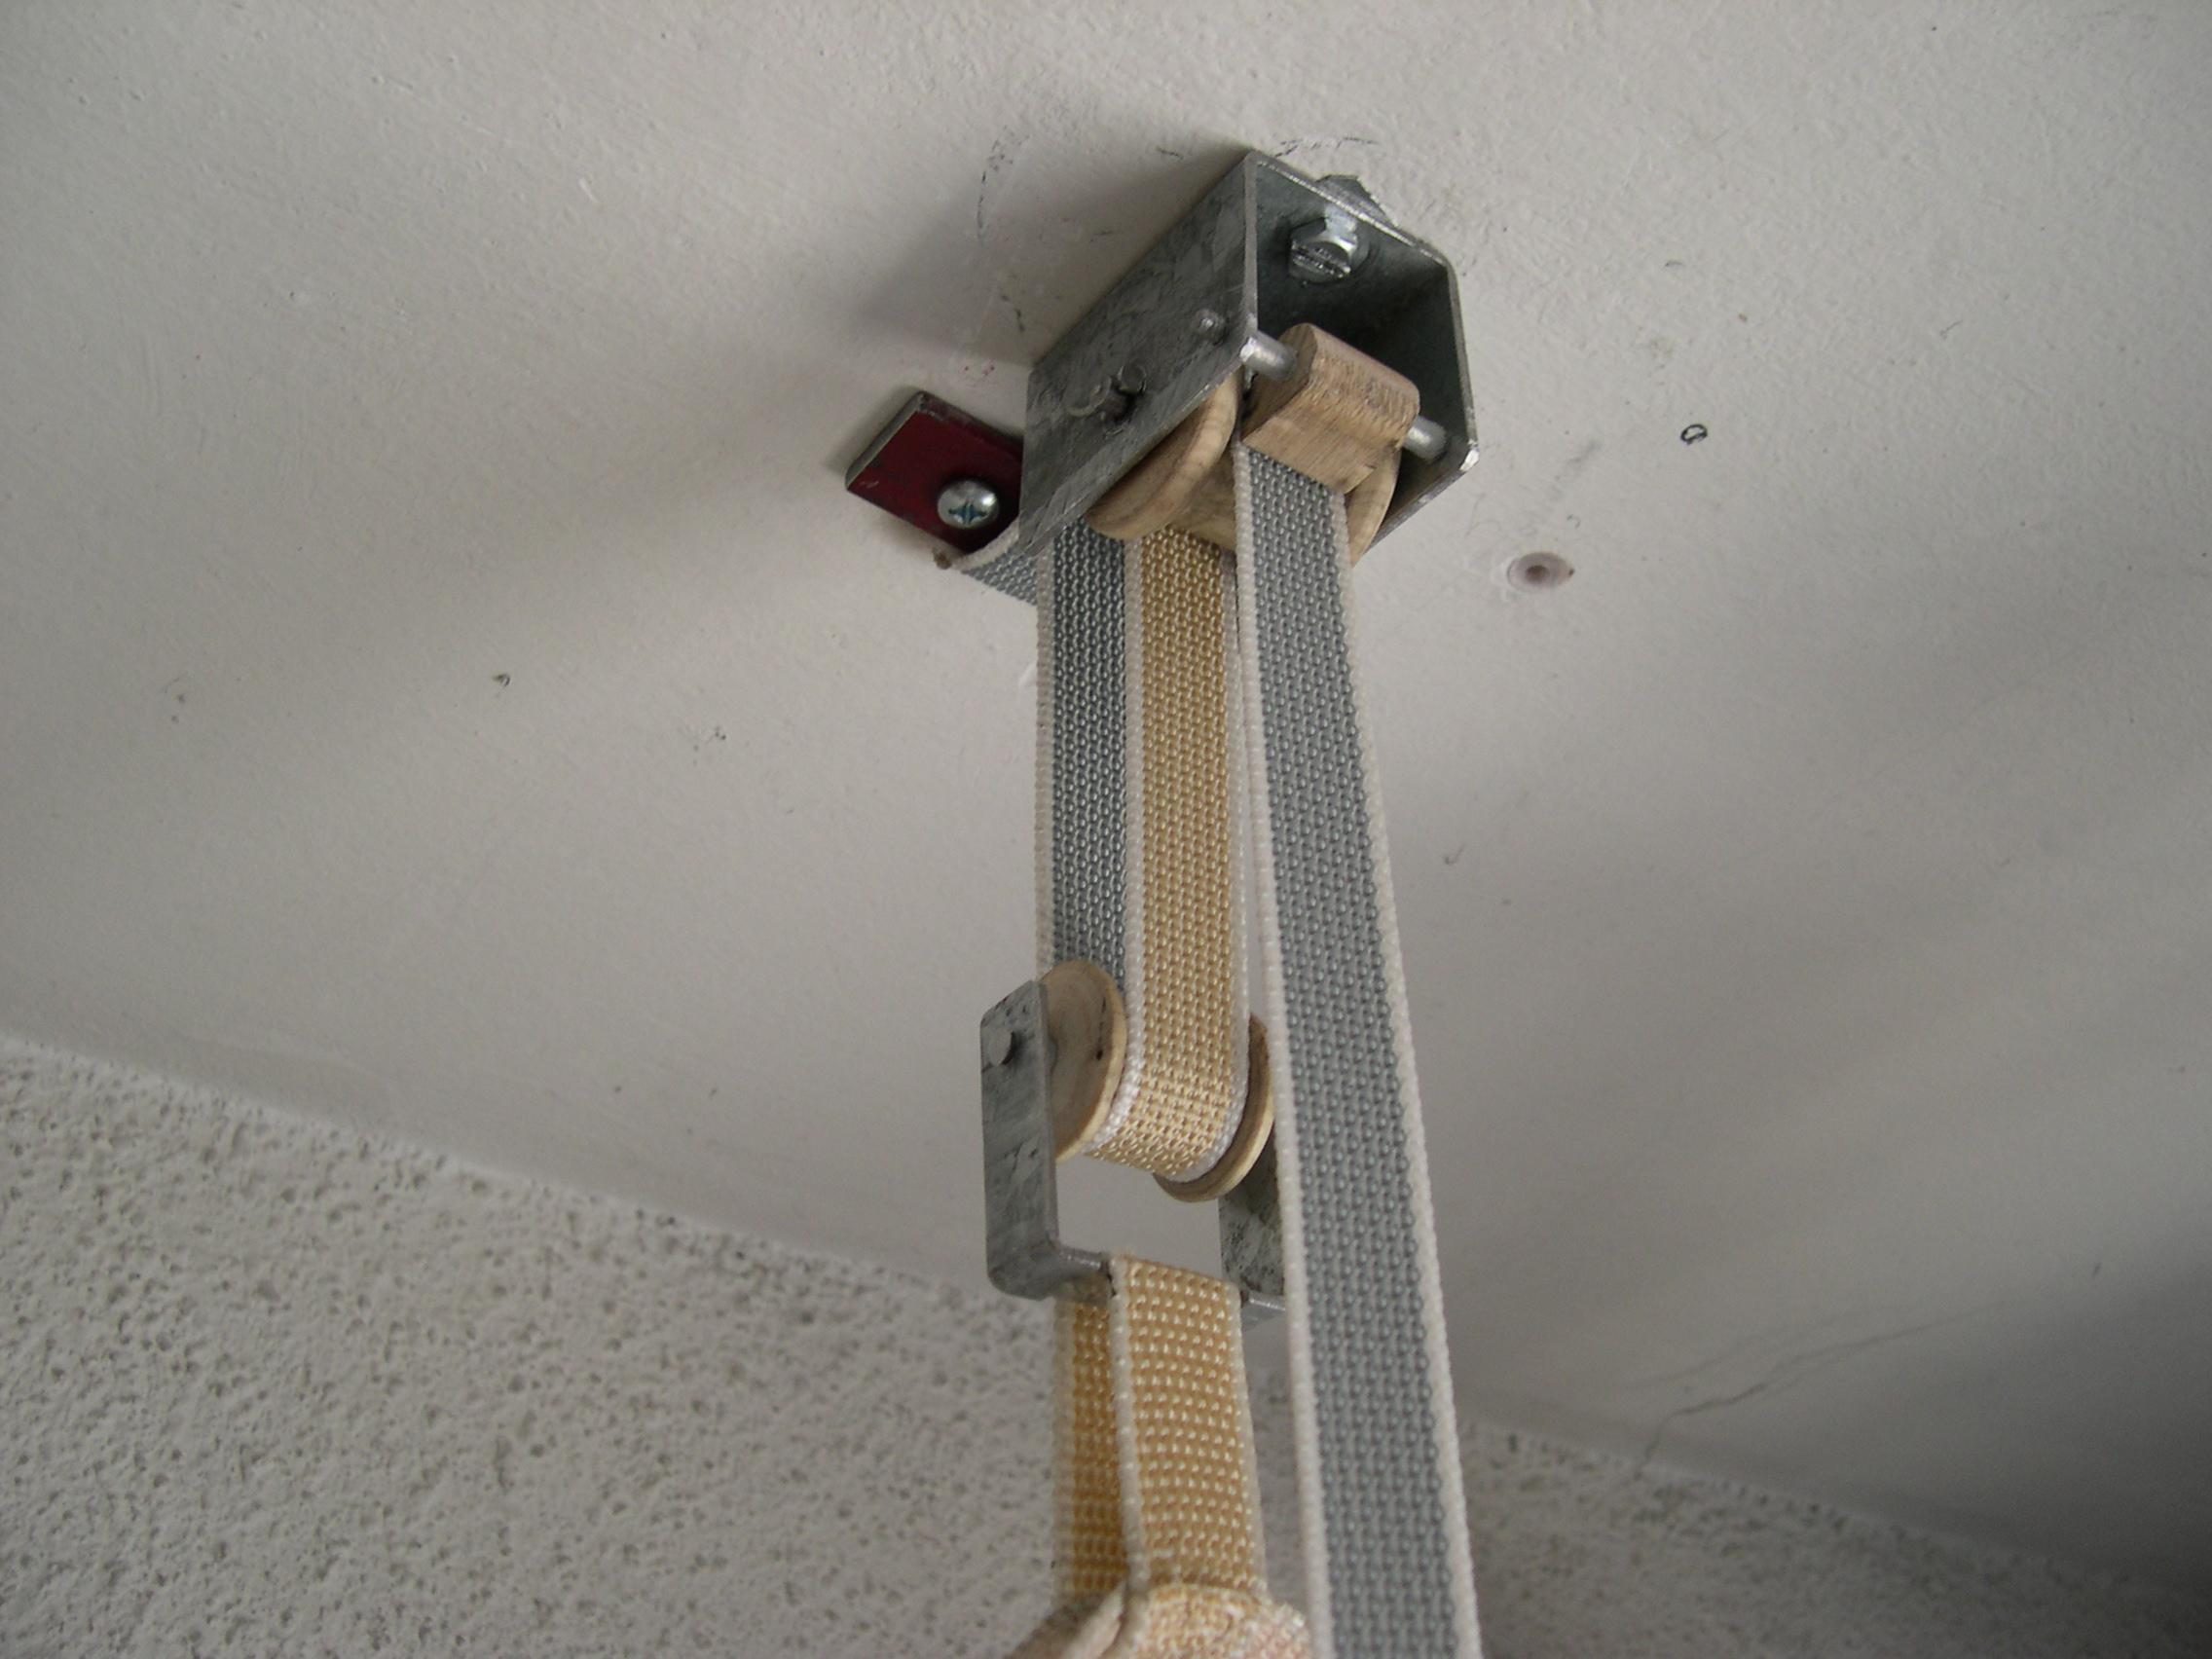 Colgador elevador de bicicletas for Colgador de pared para ropa